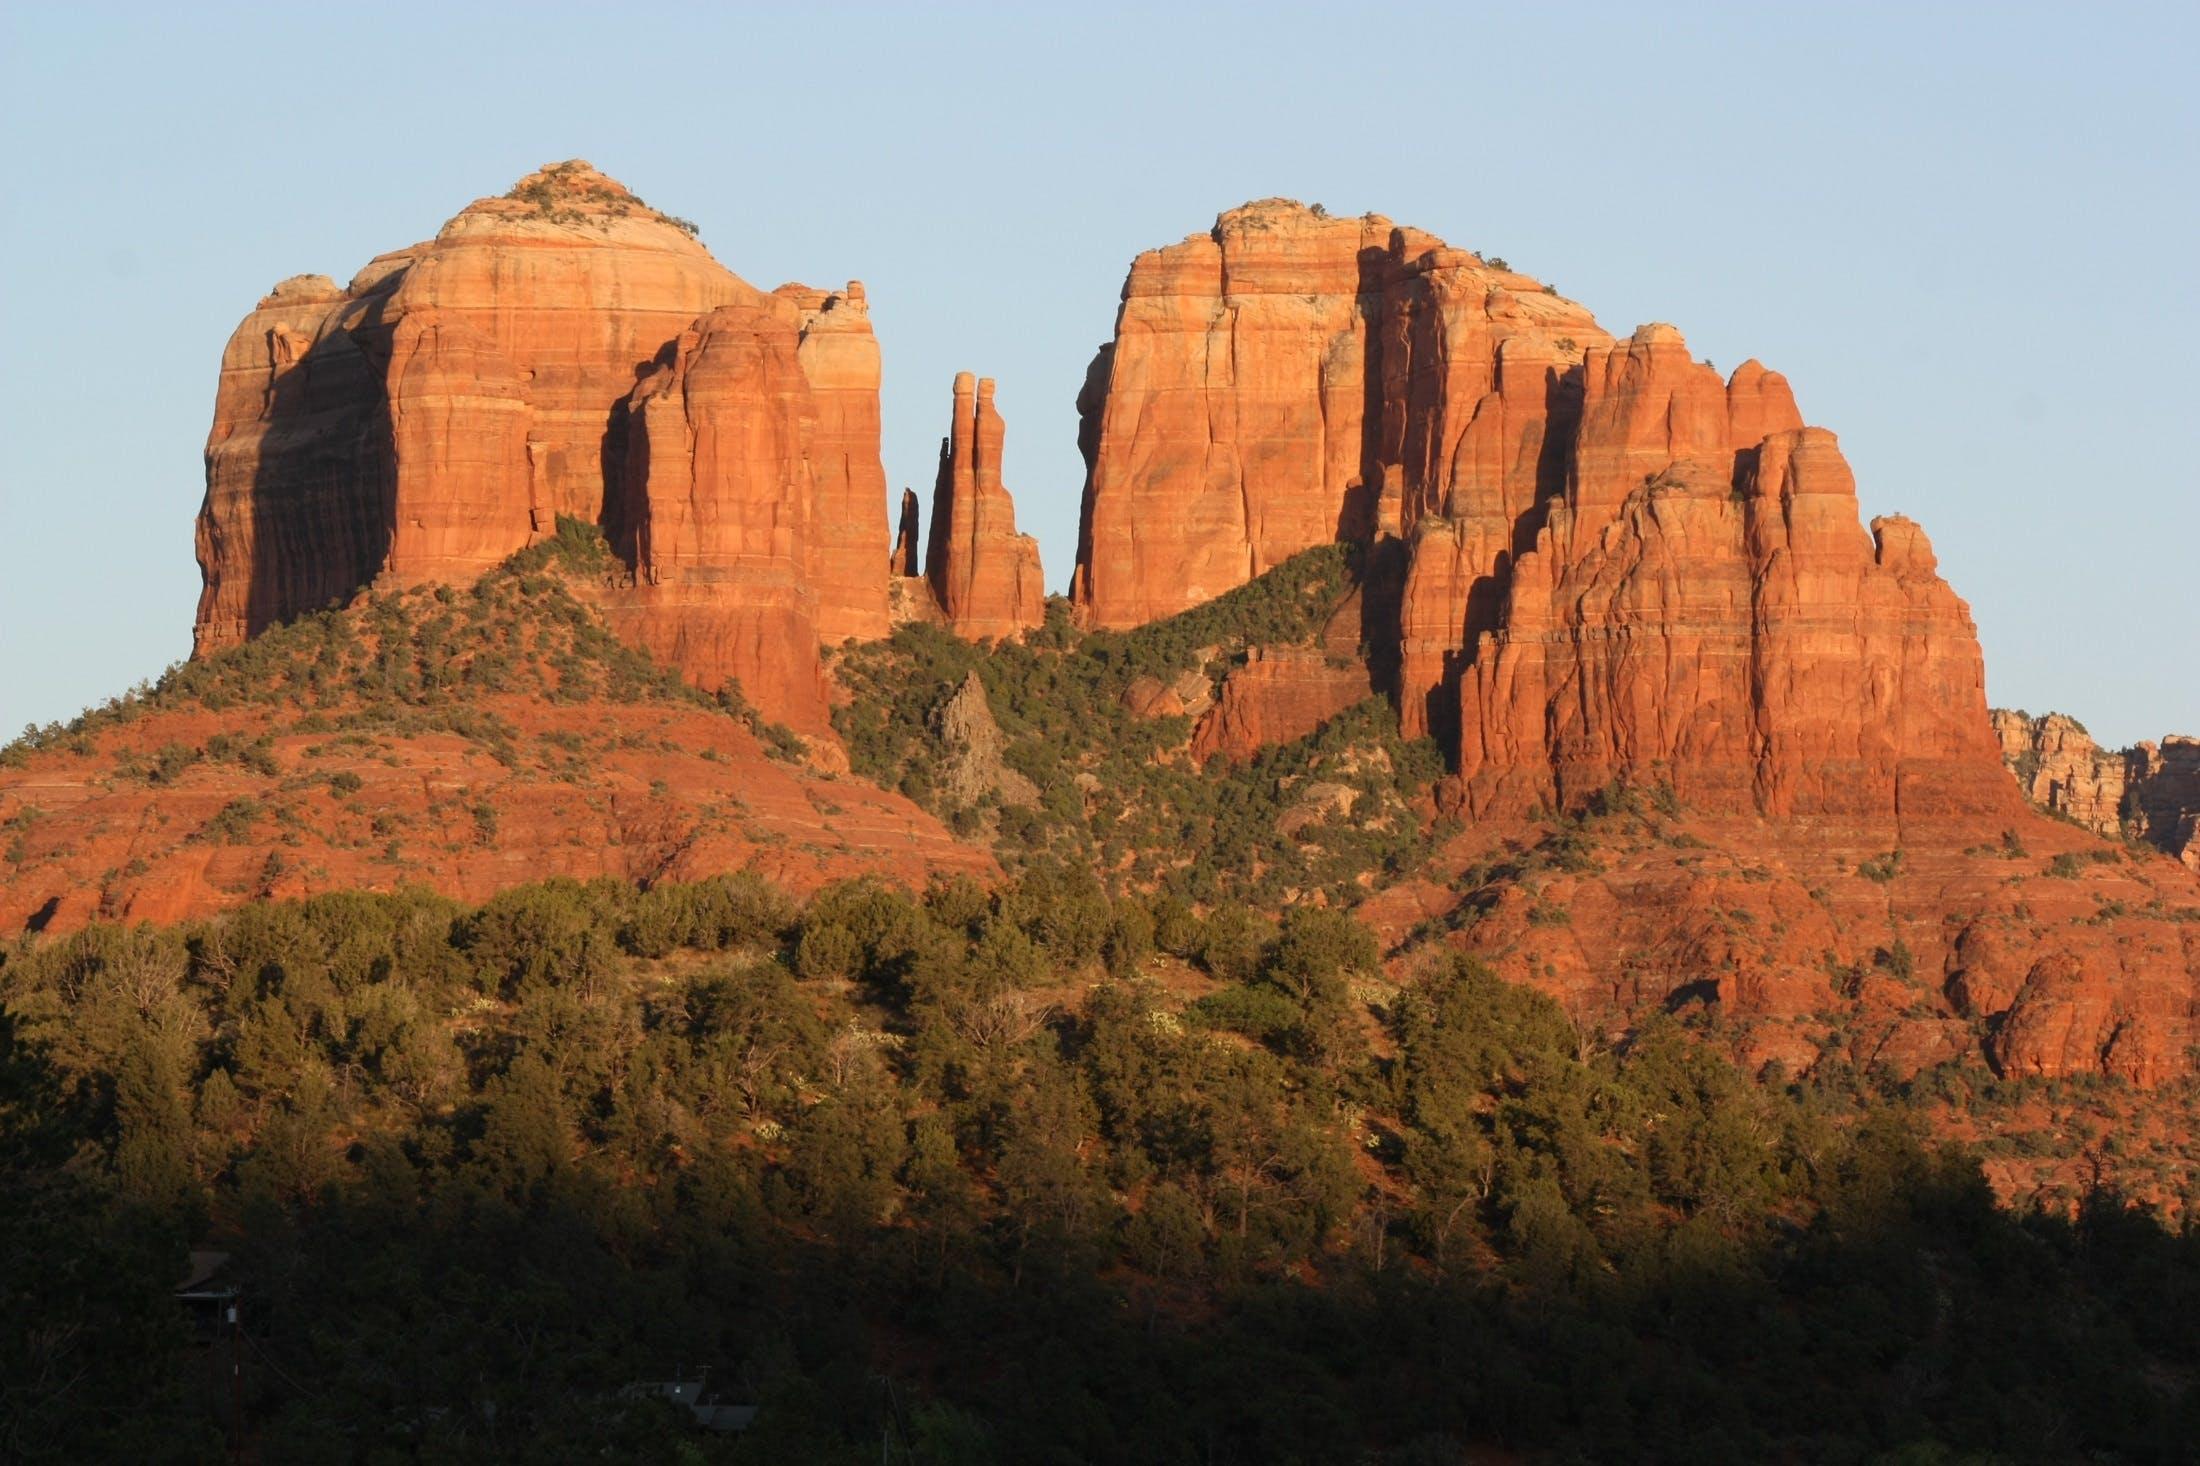 Rocky Mountain Under Clear Sky during Daytiem